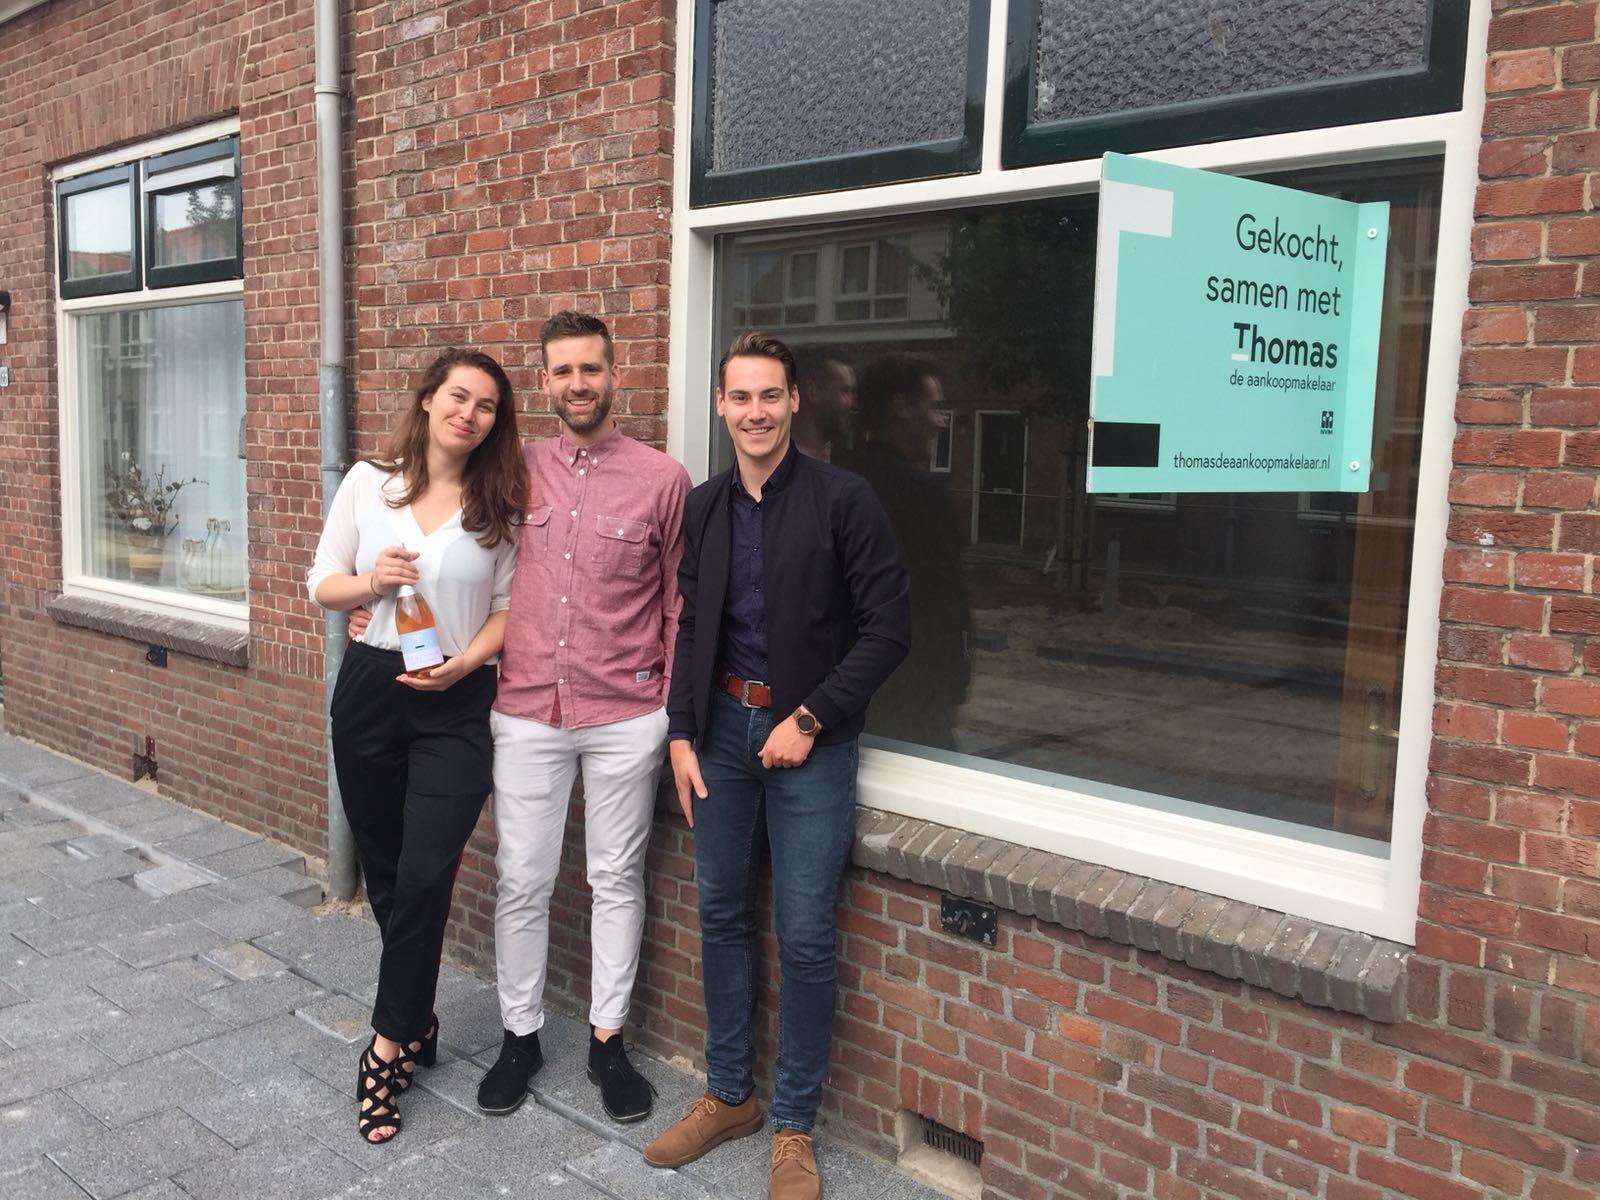 Huis in Utrecht gevonden voor Bram & Ieke met Thomas de Aankoopmakelaar